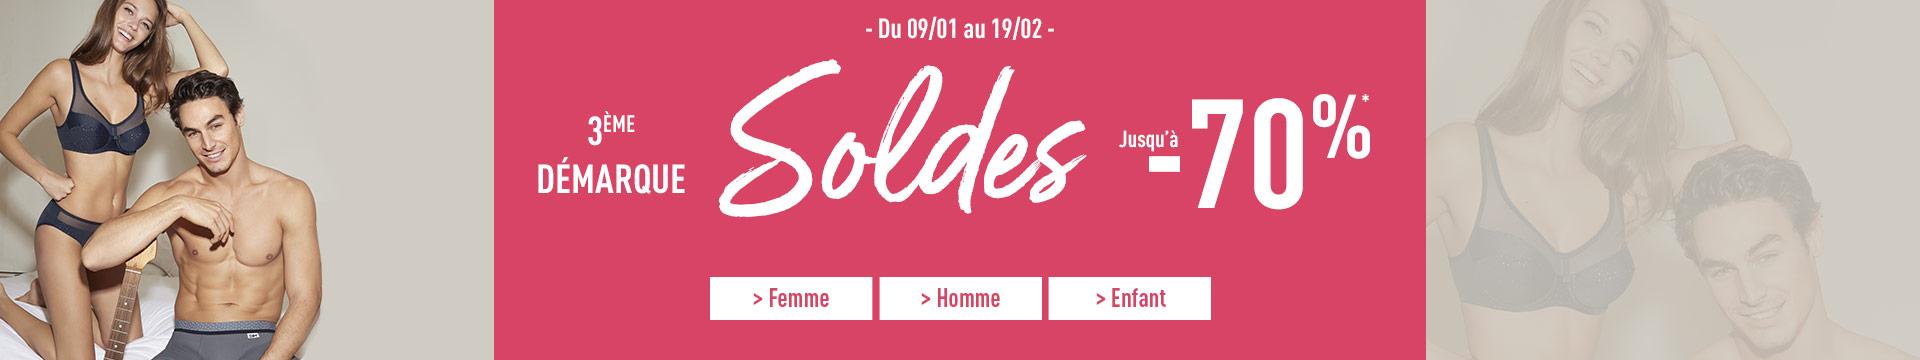 448500dbc024 Soldes - sous-vêtement pour femme, homme   enfant   DIM